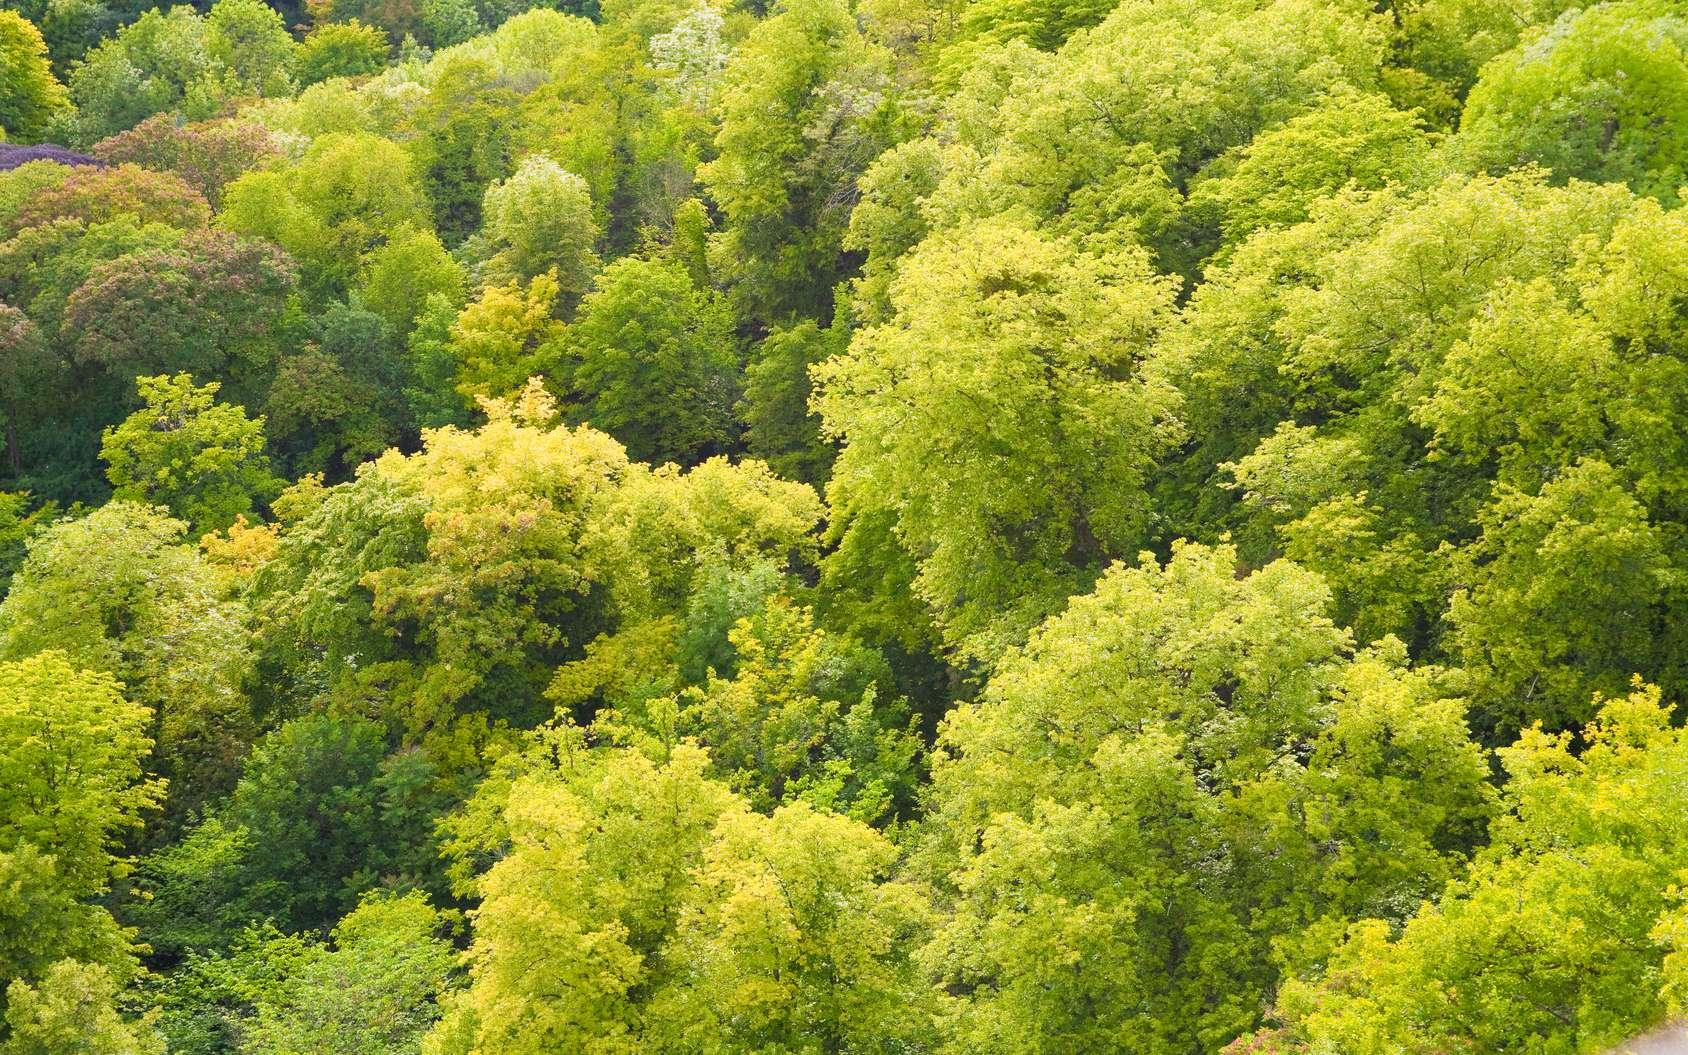 Selon une étude, les forêts naturelles sont les seules qui pourraient nous aider à lutter contre le réchauffement climatique. © Mathias Lamamy, Fotolia